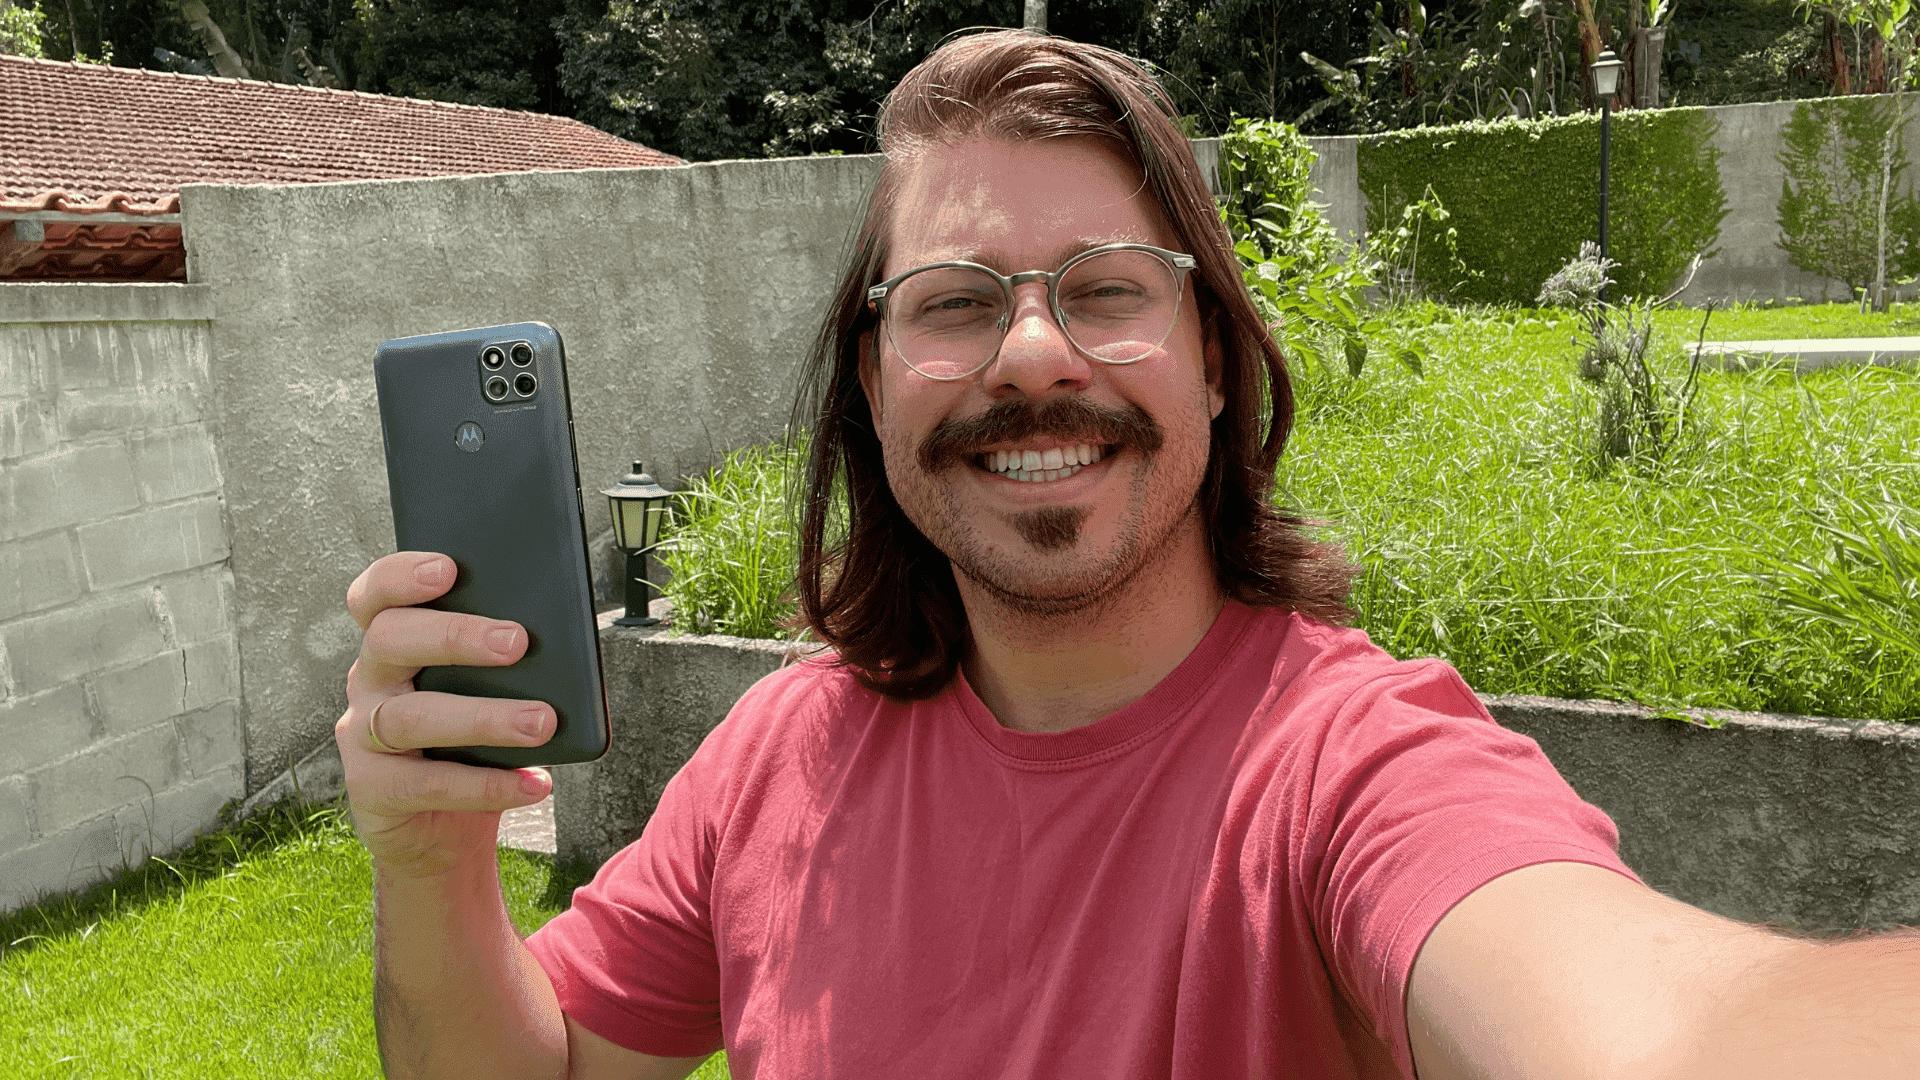 Moto G9 Power: testamos o aparelho da Motorola com bateria de 6.000 mAh (Foto: Gabriel Fricke / Zoom)